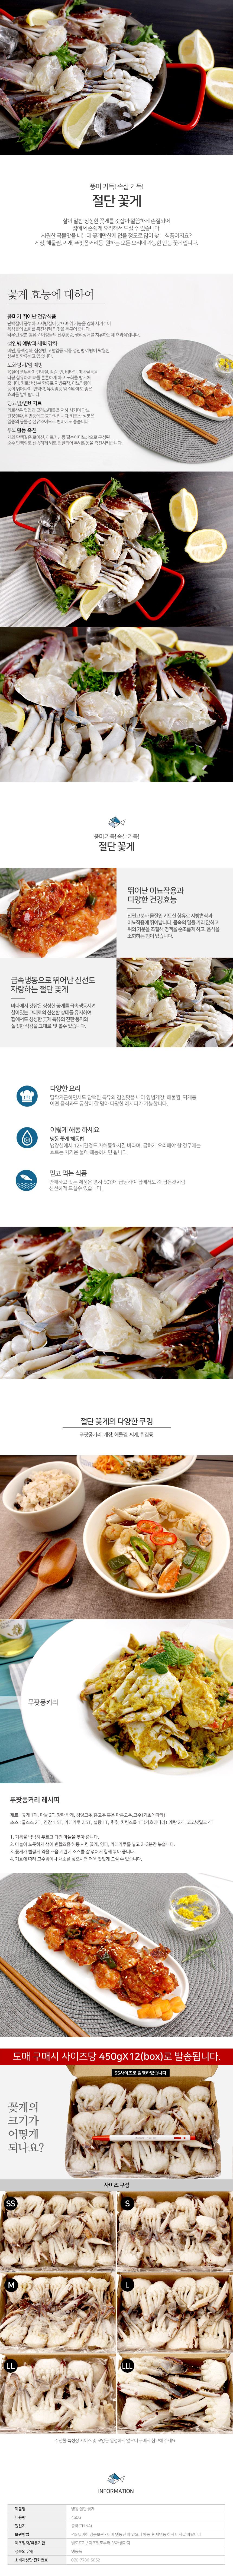 cutting_crab.jpg